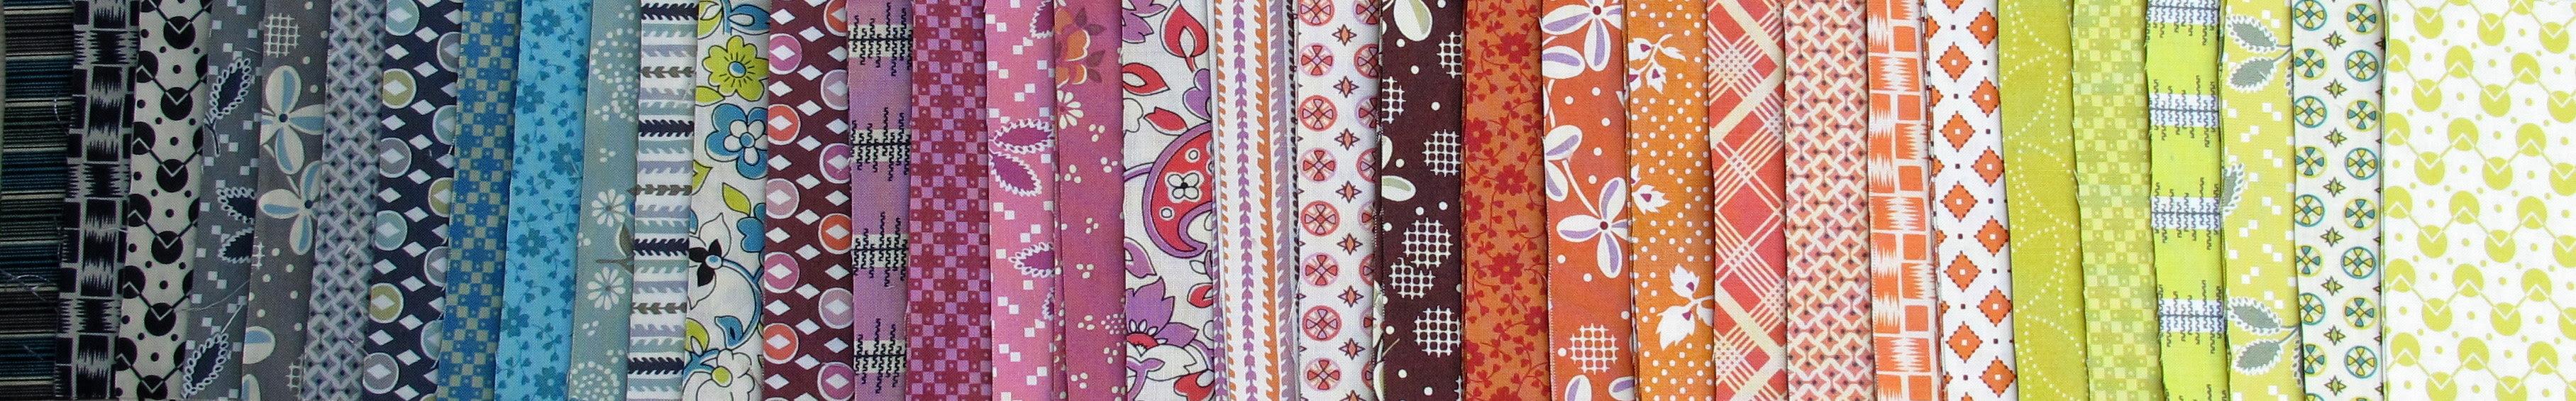 Whirly garden quilt